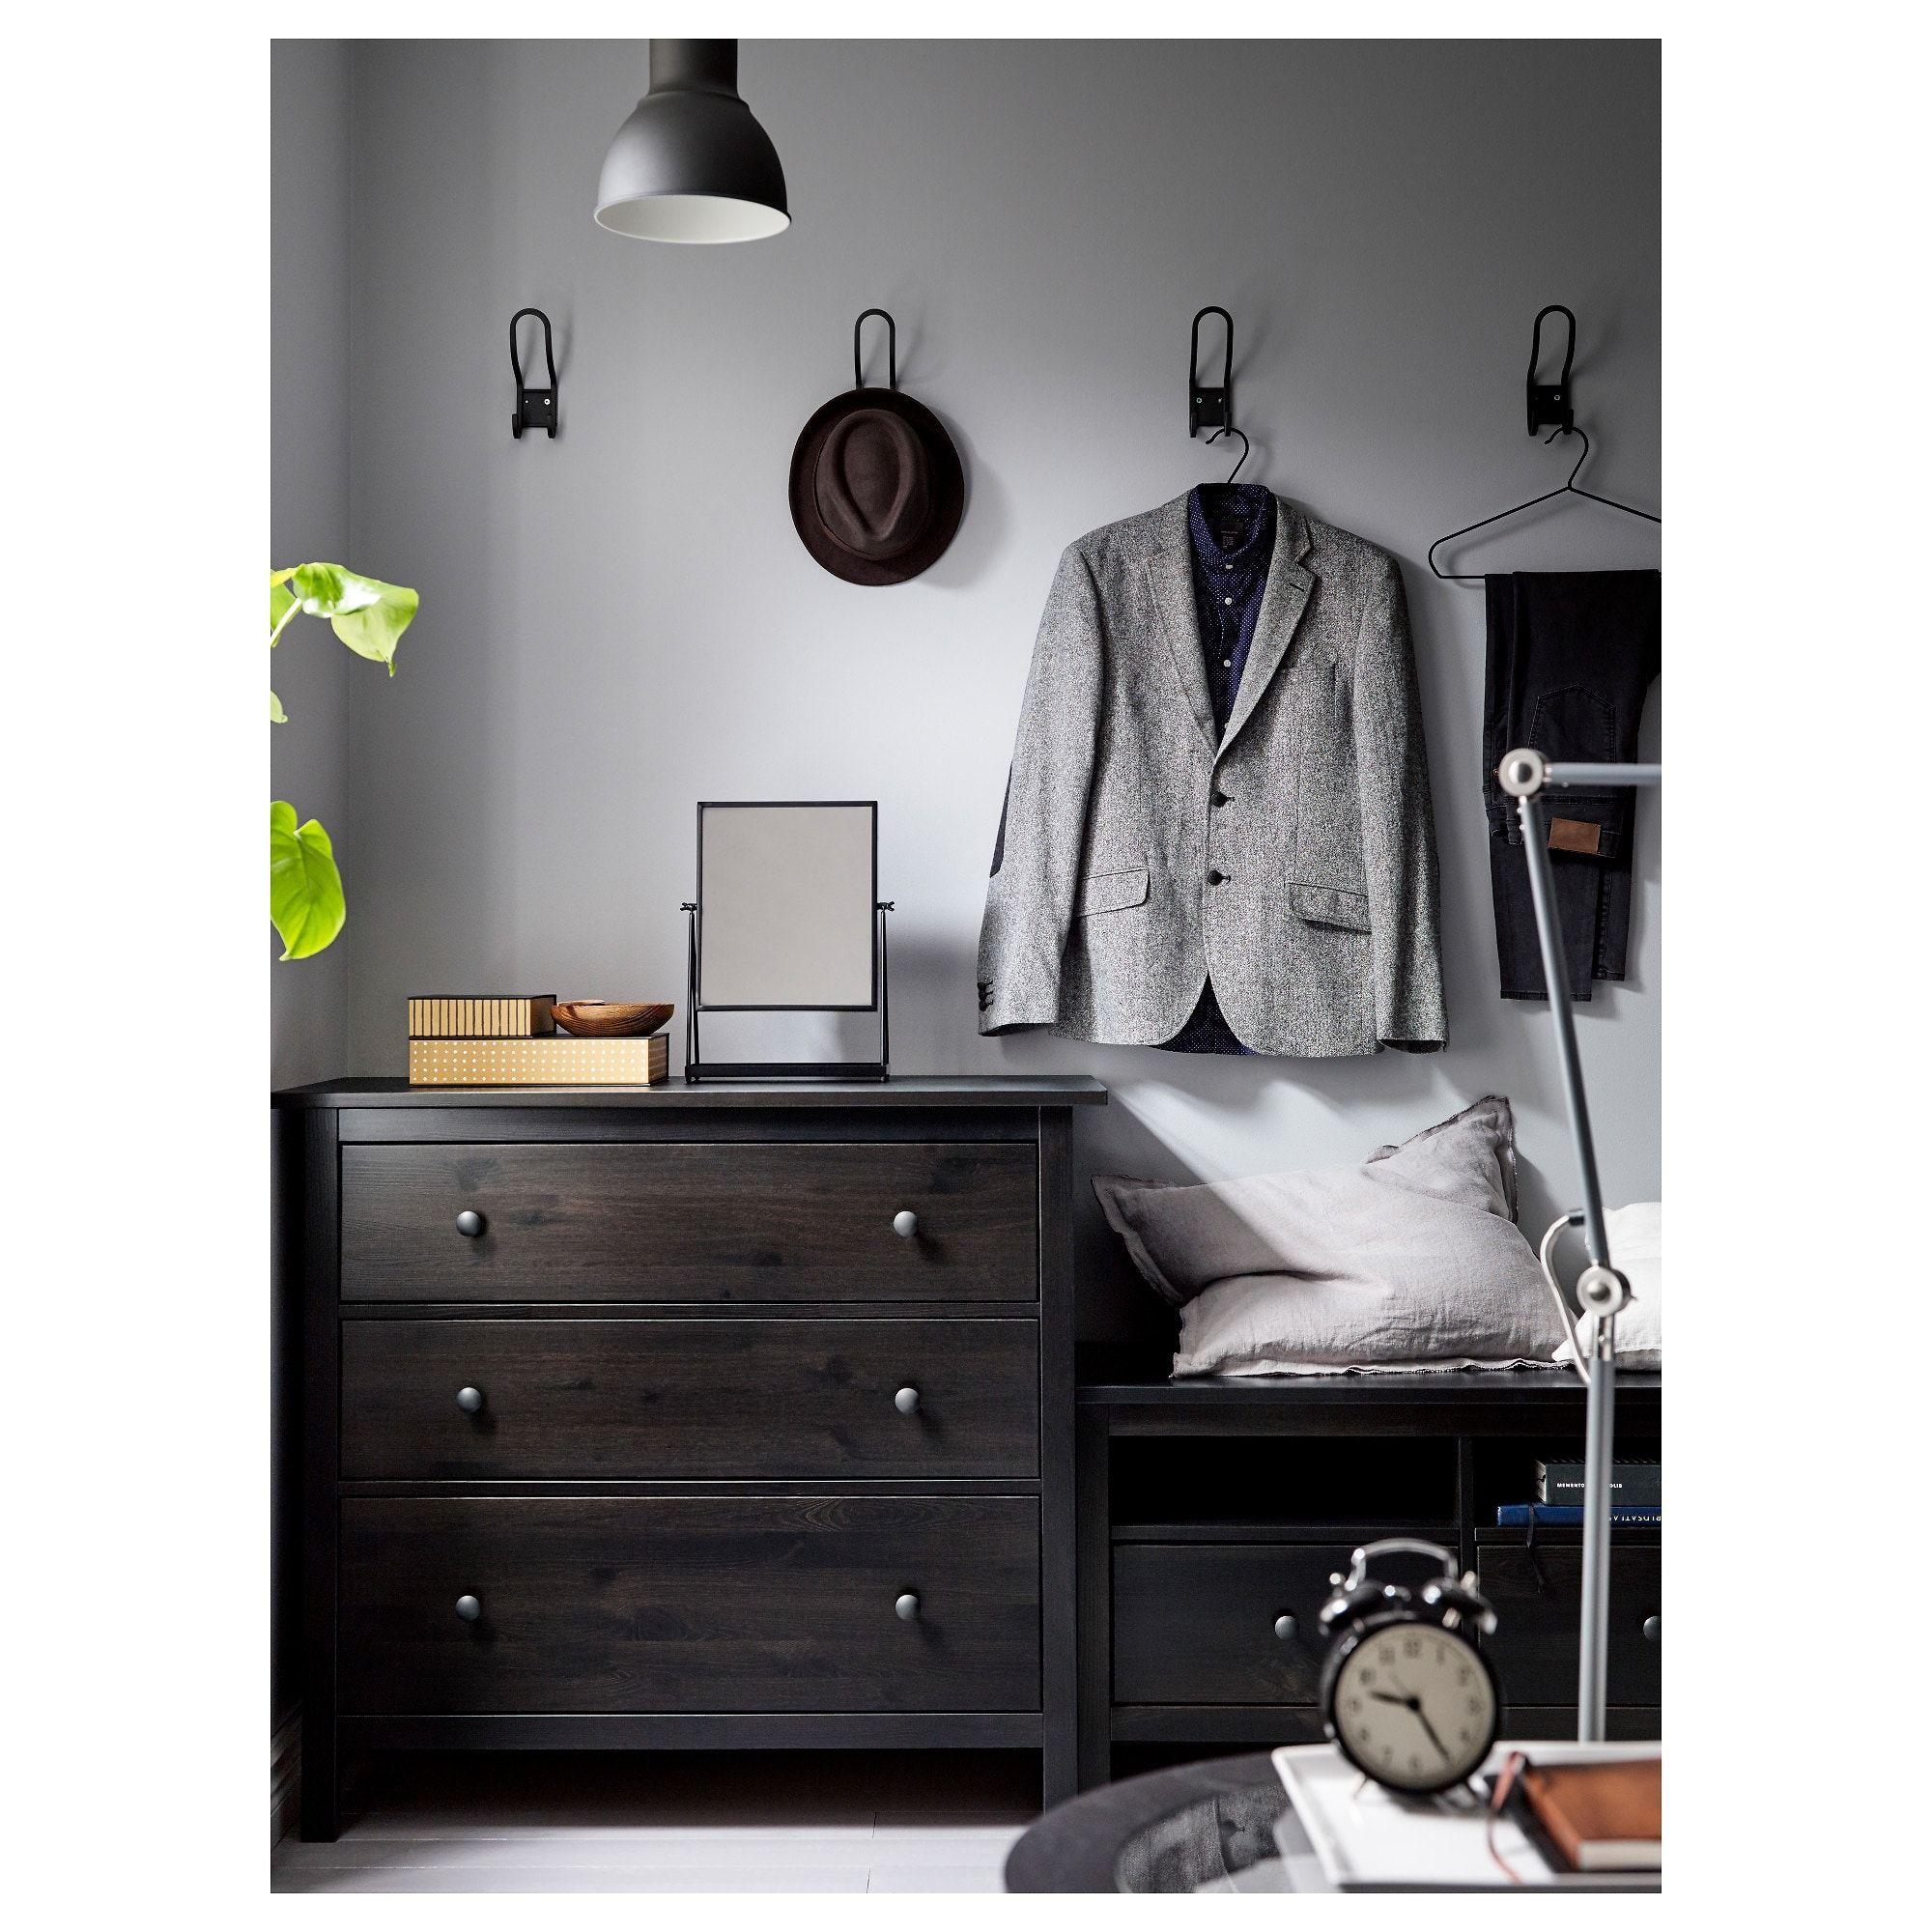 Ikea Hemnes Dresser Building Tips How To Build Ikea Furniture